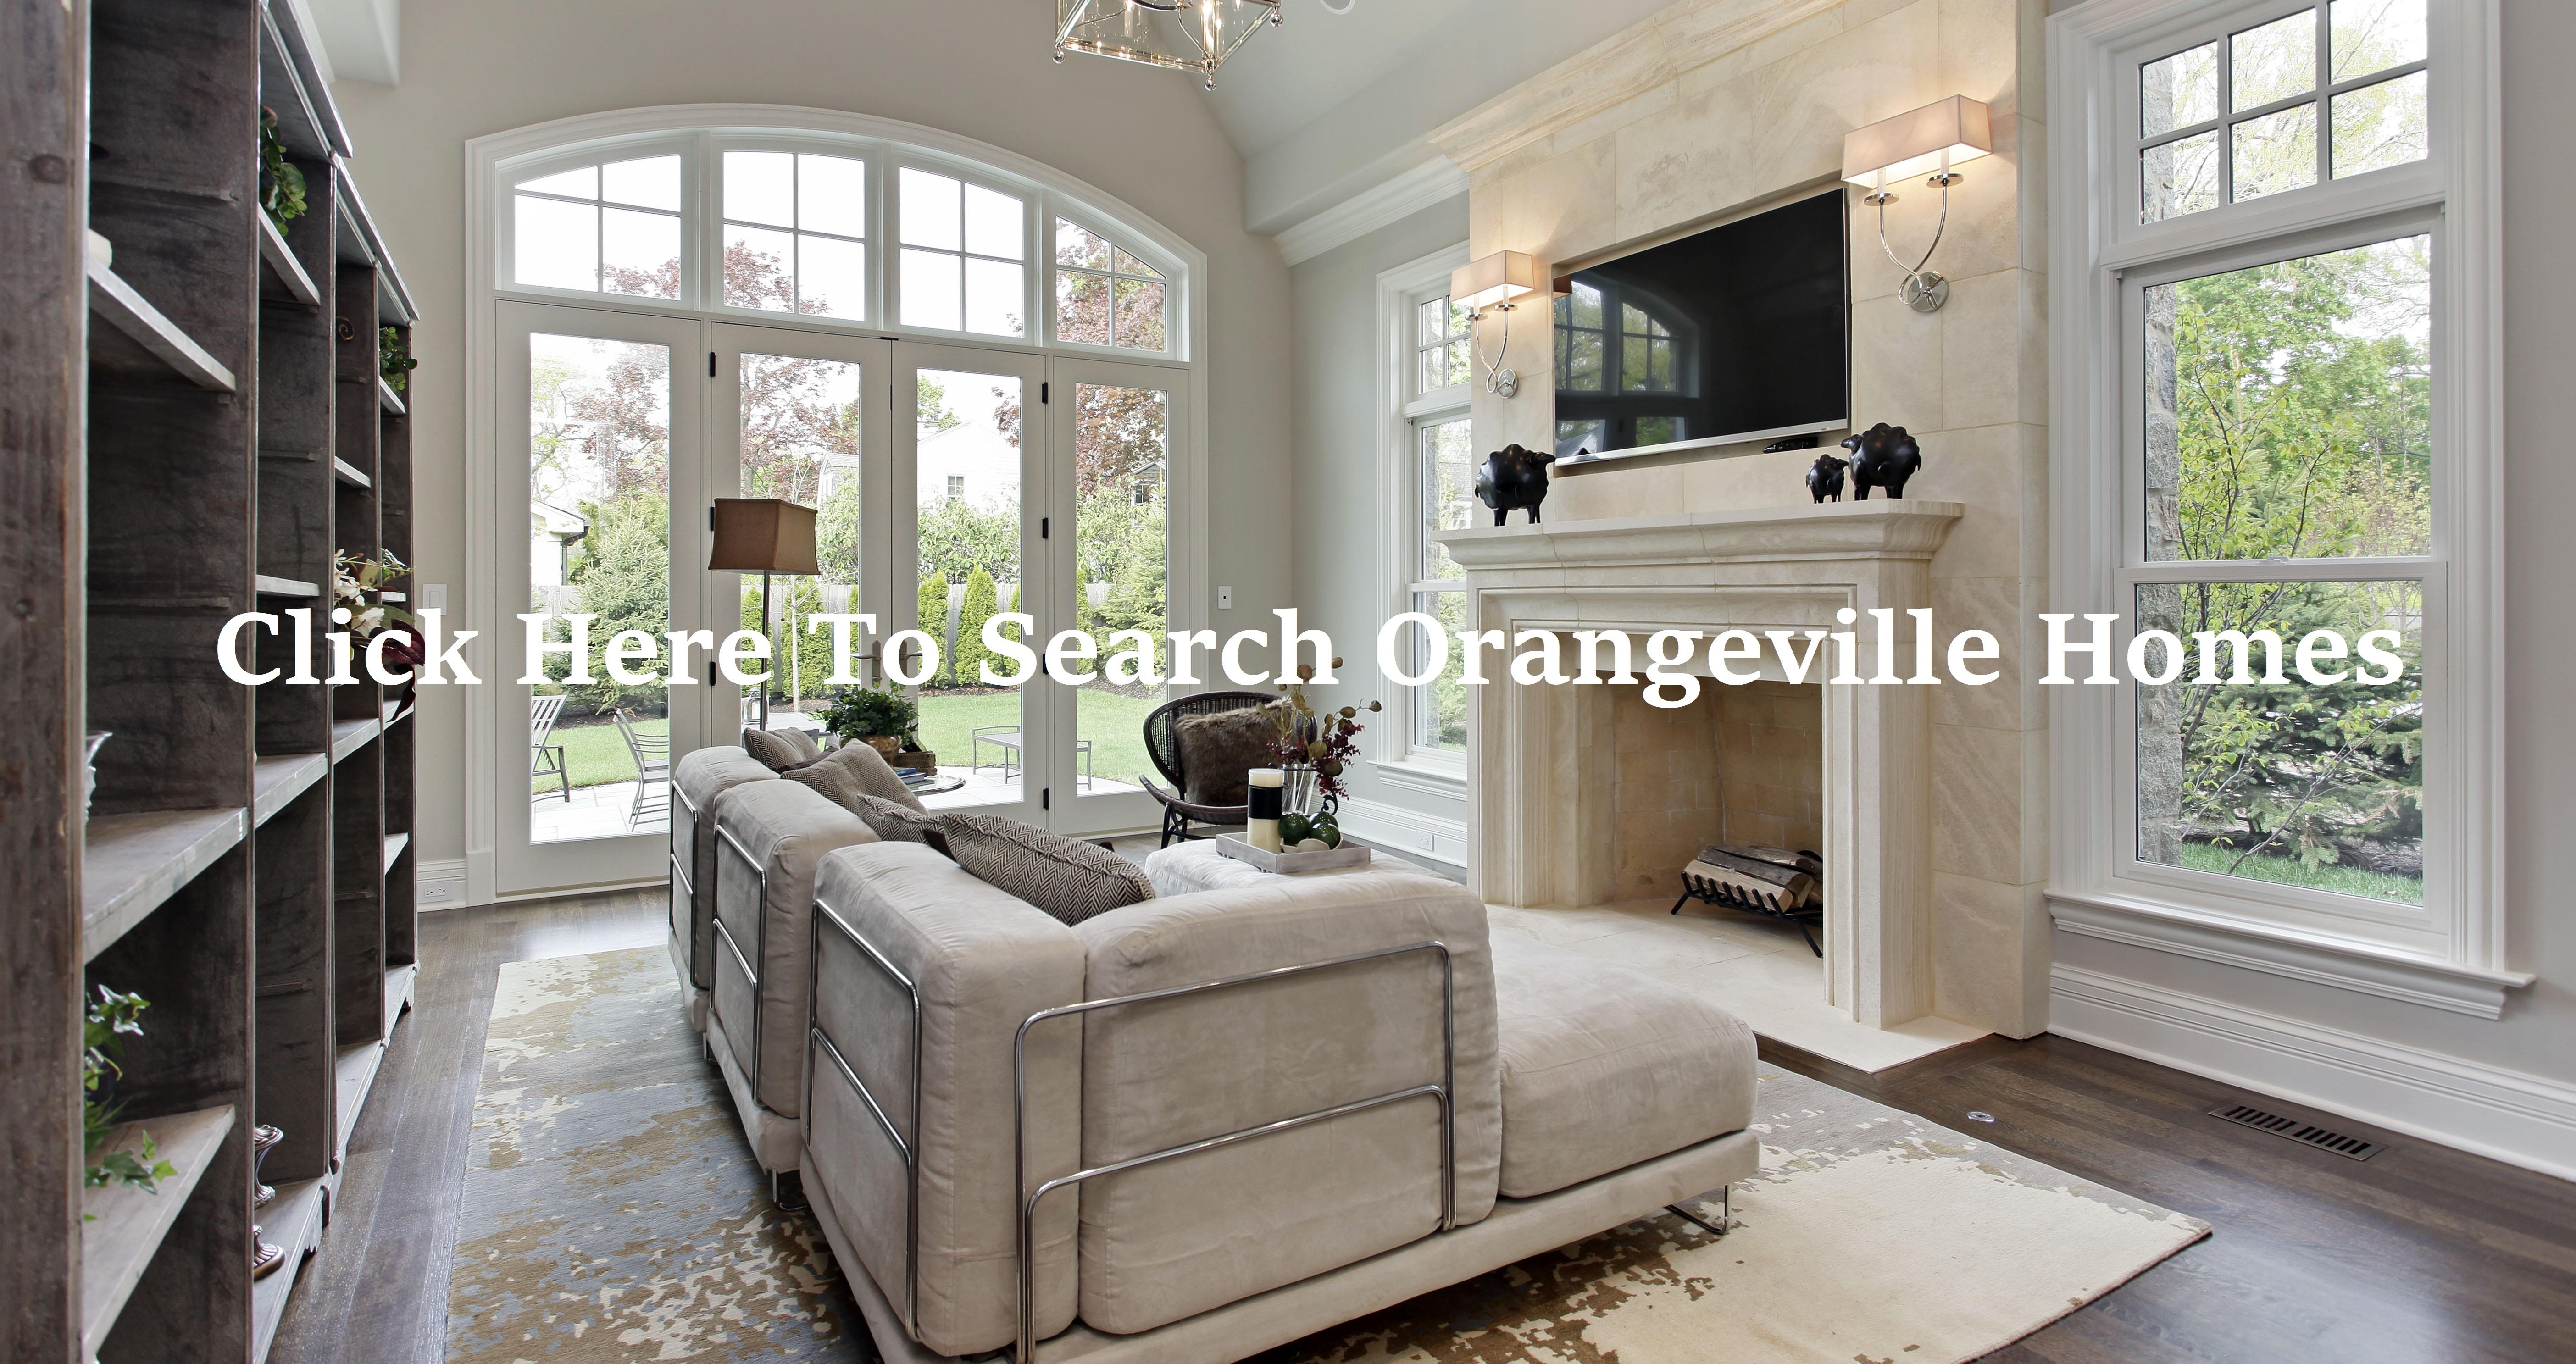 Orangeville Homes